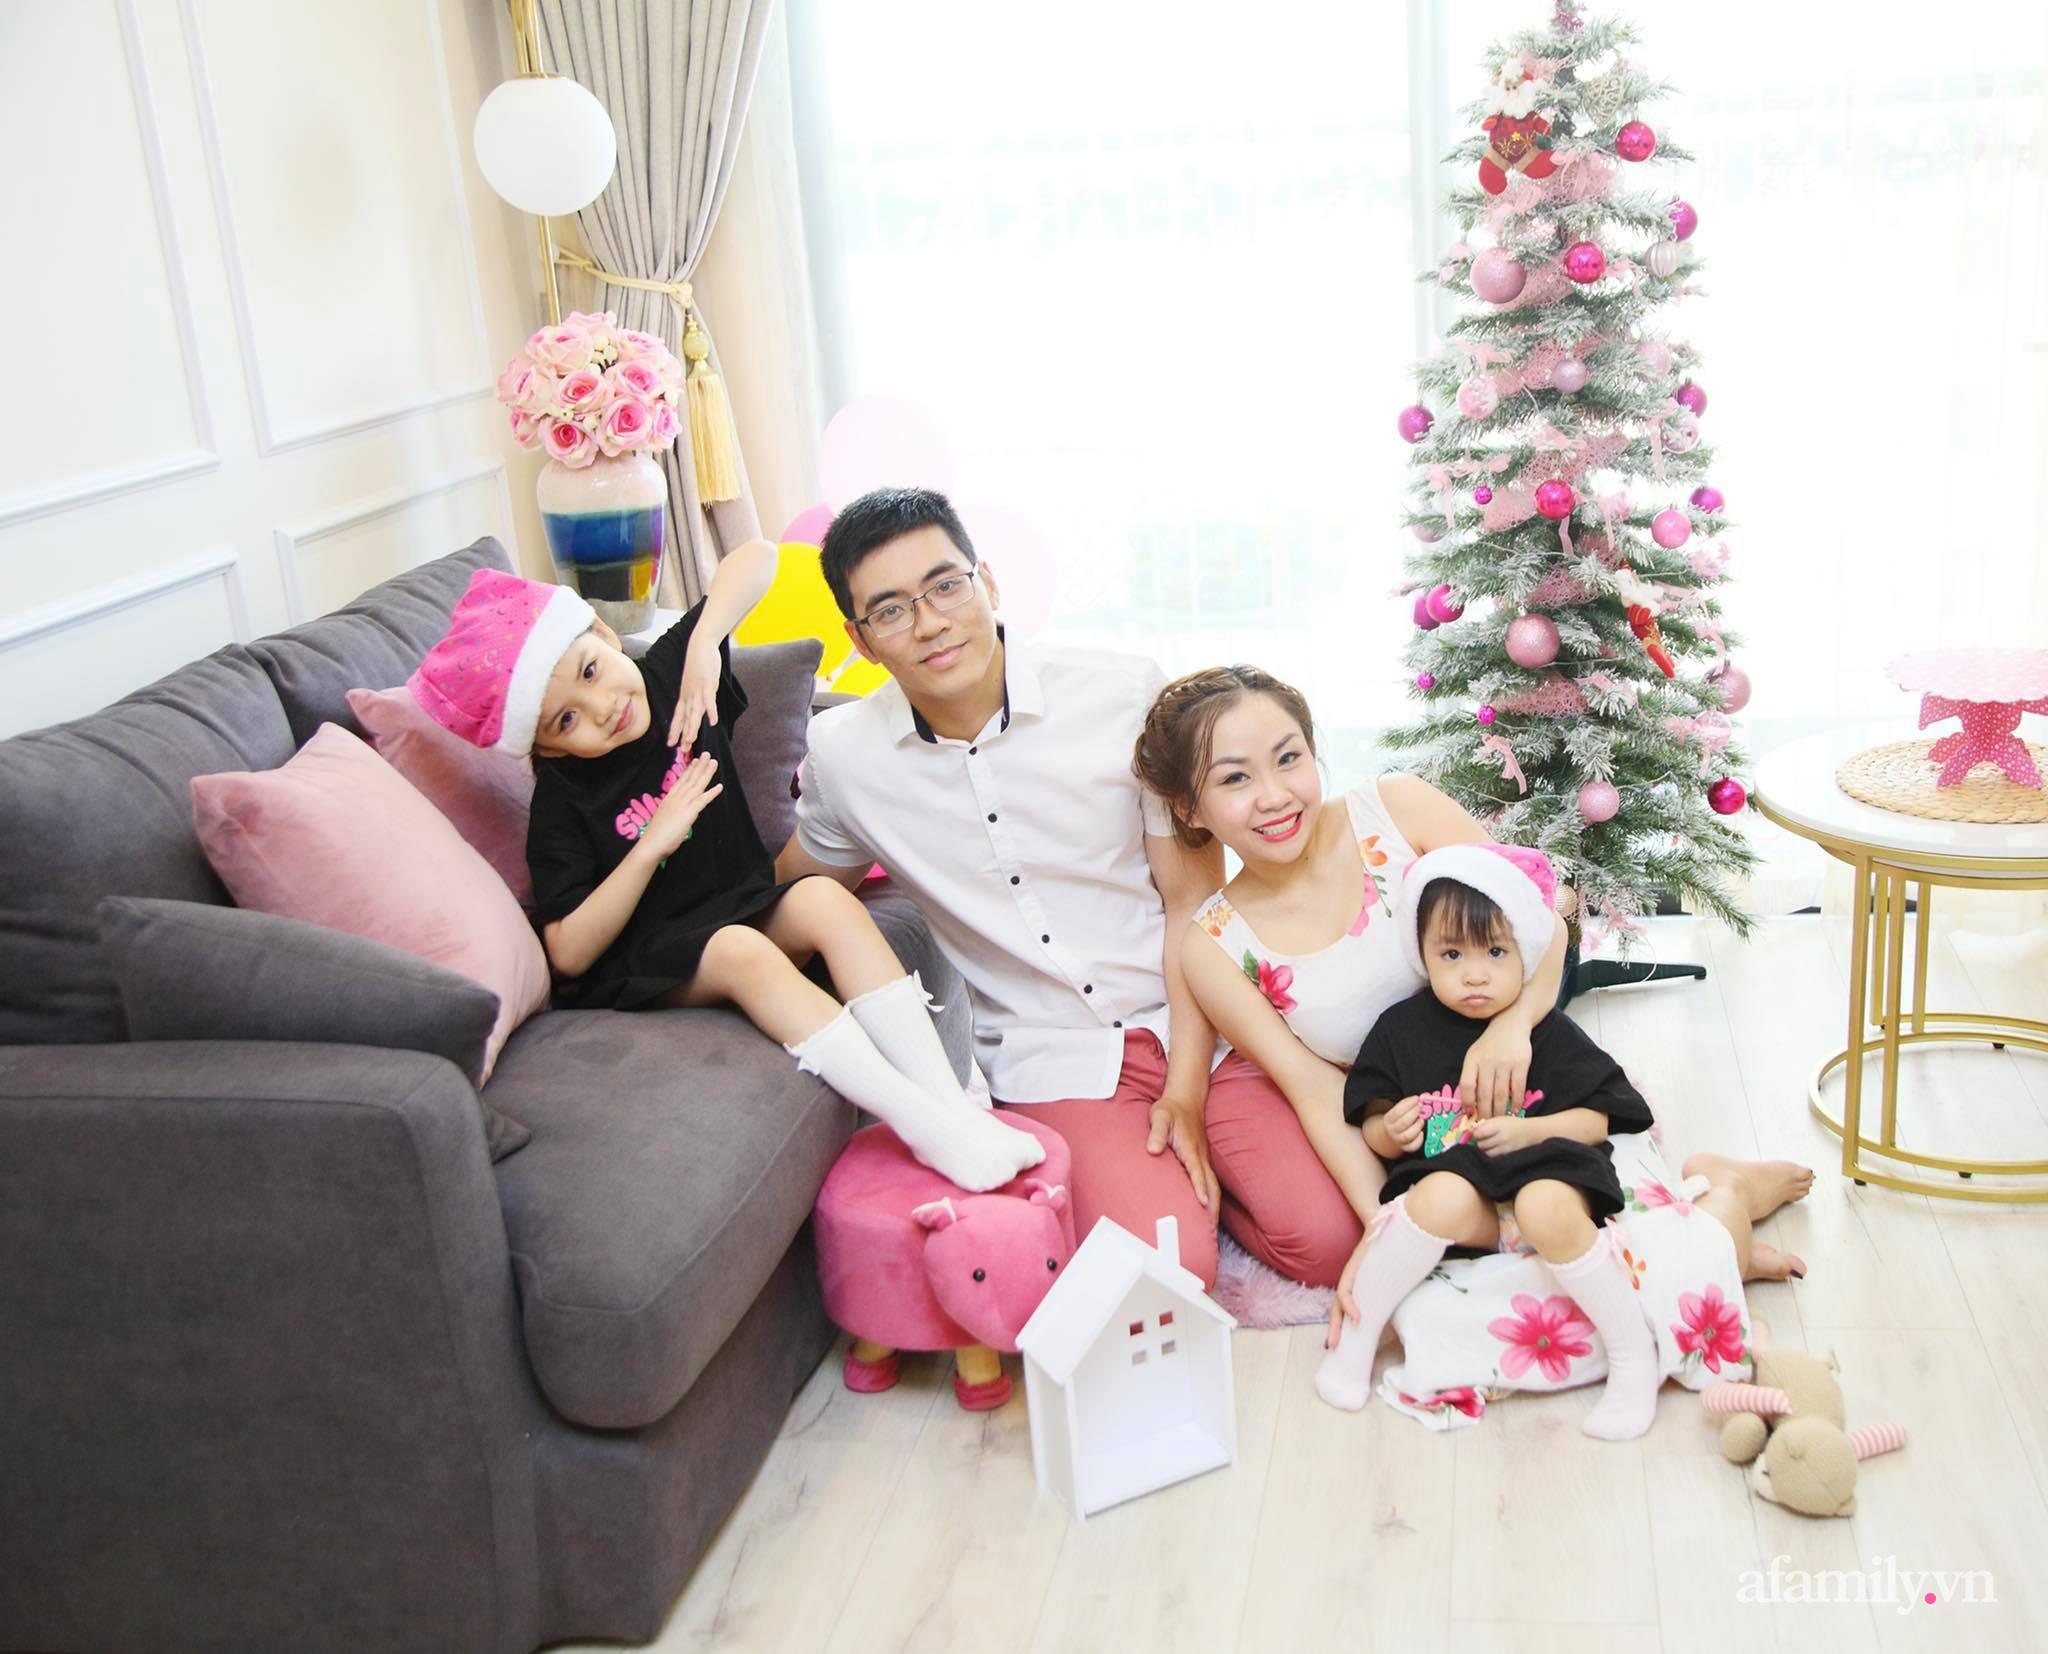 Căn hộ 55m² sang trọng đẳng cấp với phong cách Tân cổ điển có chi phí hoàn thiện nội thất 200 triệu đồng ở Sài Gòn - Ảnh 3.